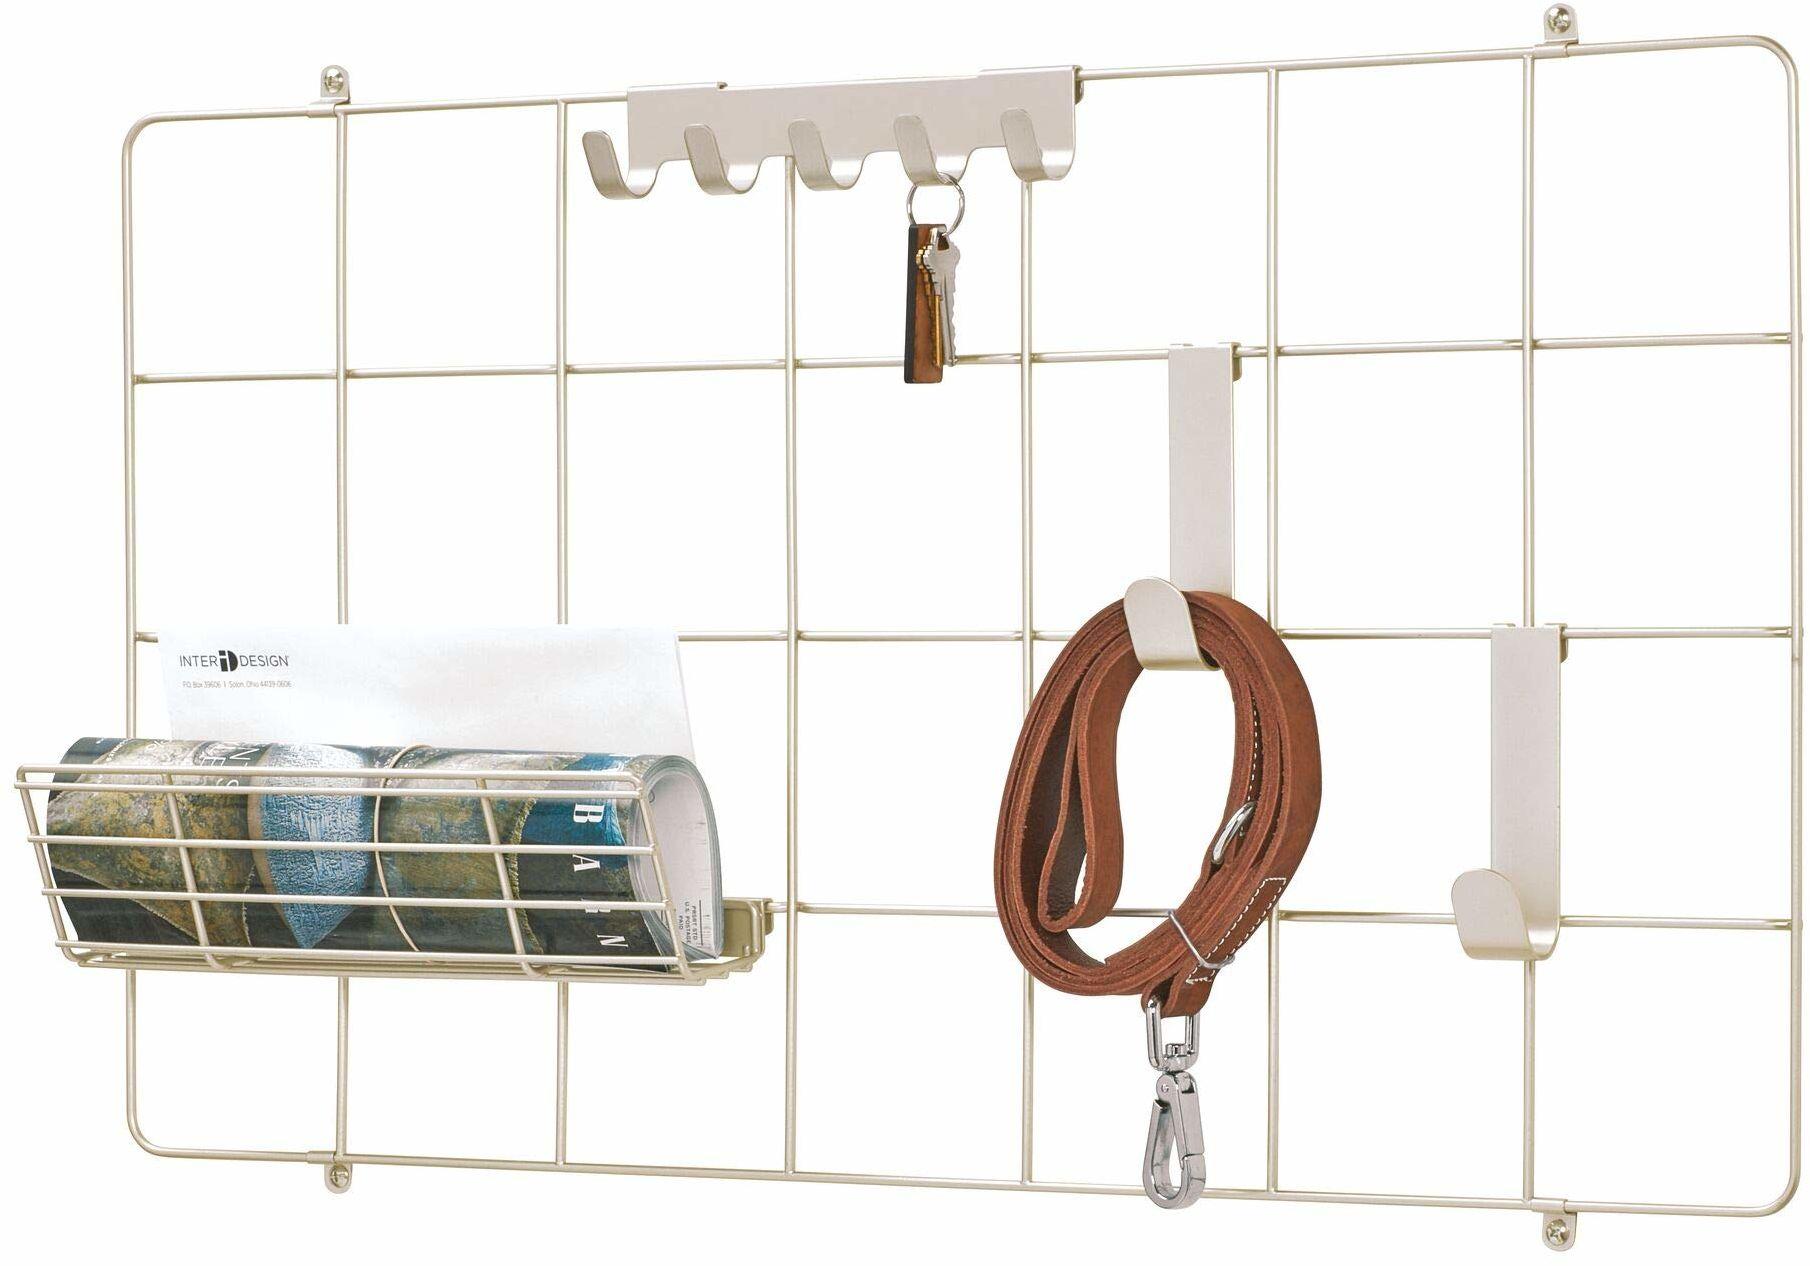 iDesign kratka ścienna do systemu modułowego, kompaktowa metalowa tablica do notatek z drutu metalowego do łączenia z haczykami, koszami i innymi akcesoriami, nowoczesna siatka ścienna, matowe srebro